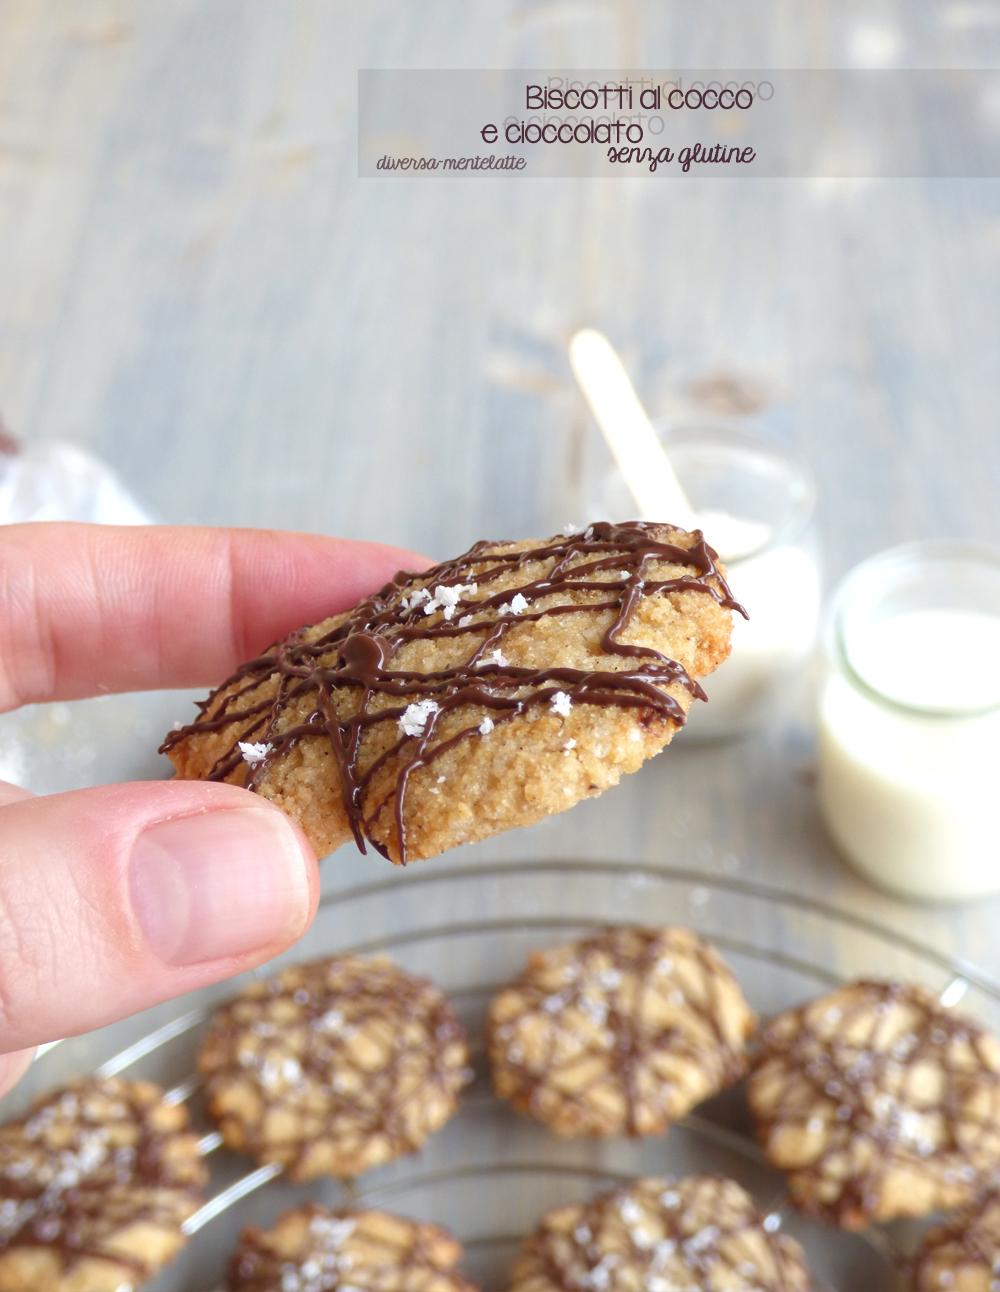 biscotti cocco senza glutine e senza lattosio